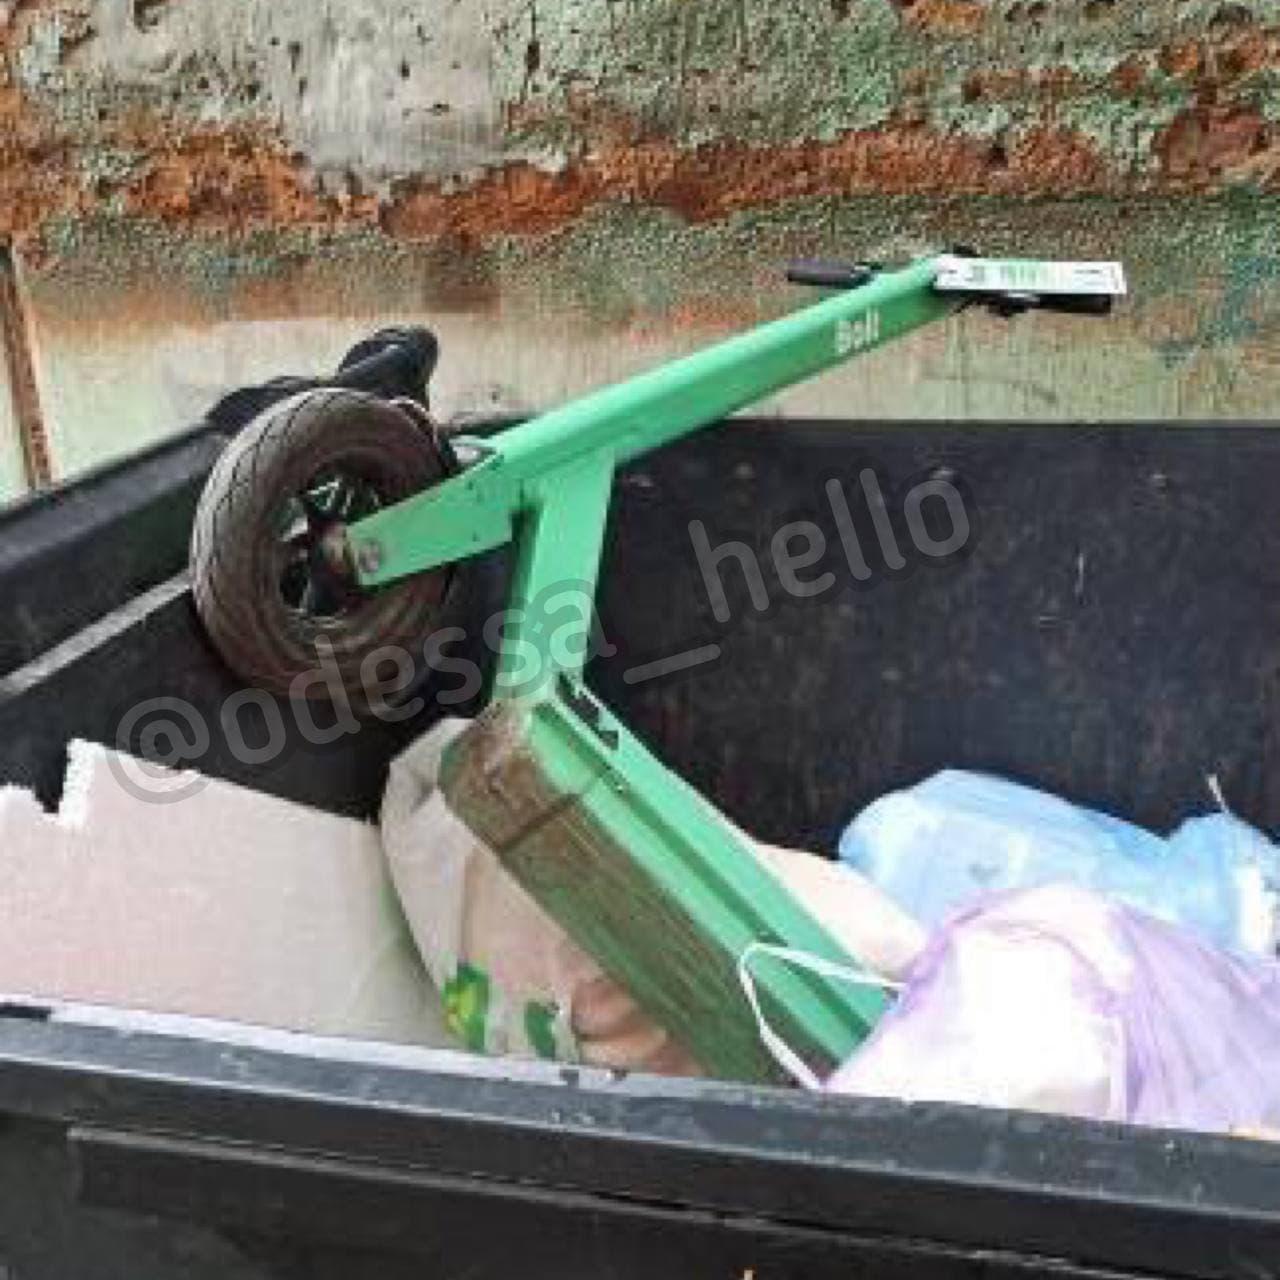 """В озере и мусорном баке: одесситы начали расправляться с арендованными самокатами. Фото: телеграм-канал """"Подслушано Одесса"""""""